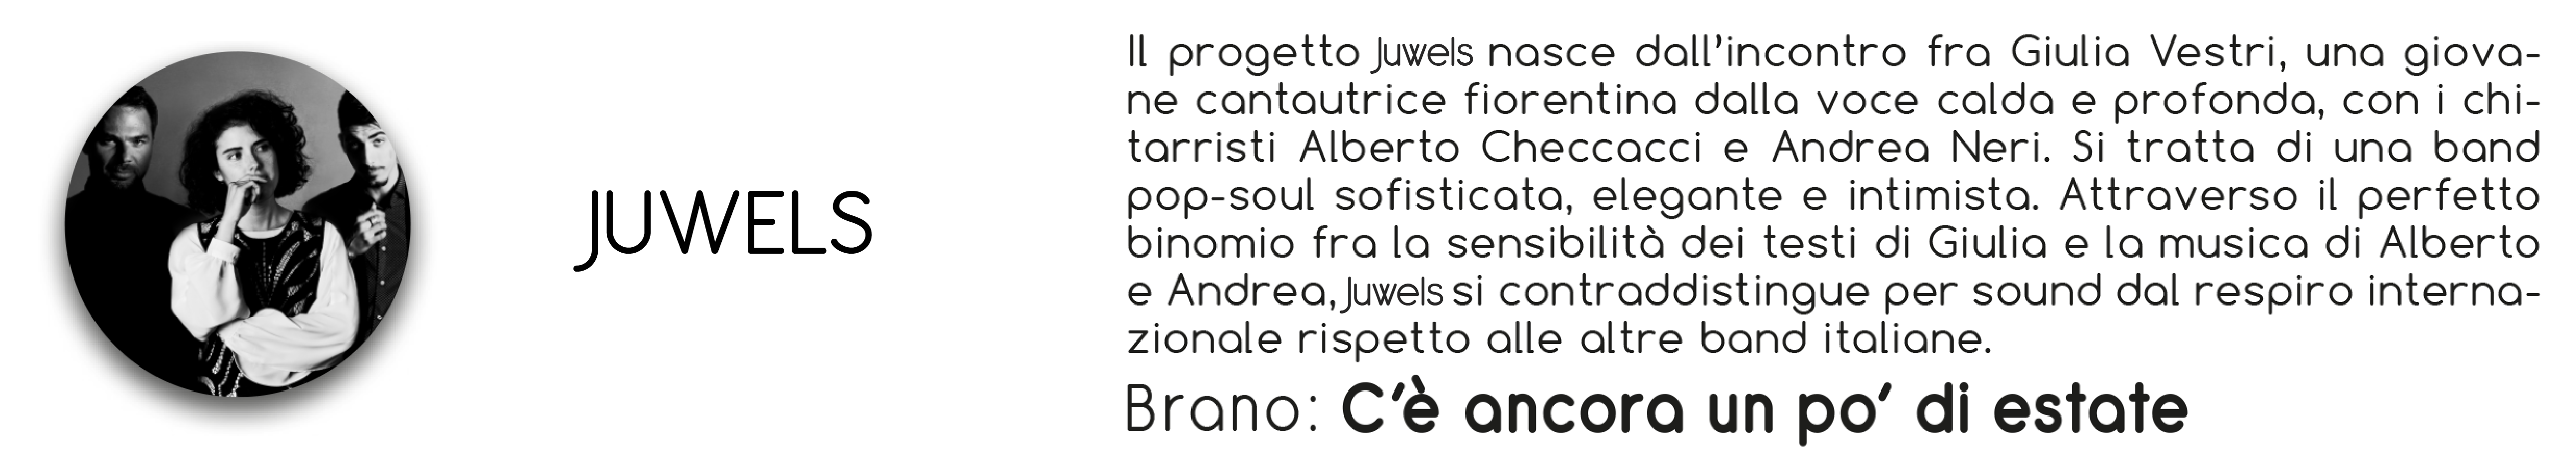 juwels-01-01